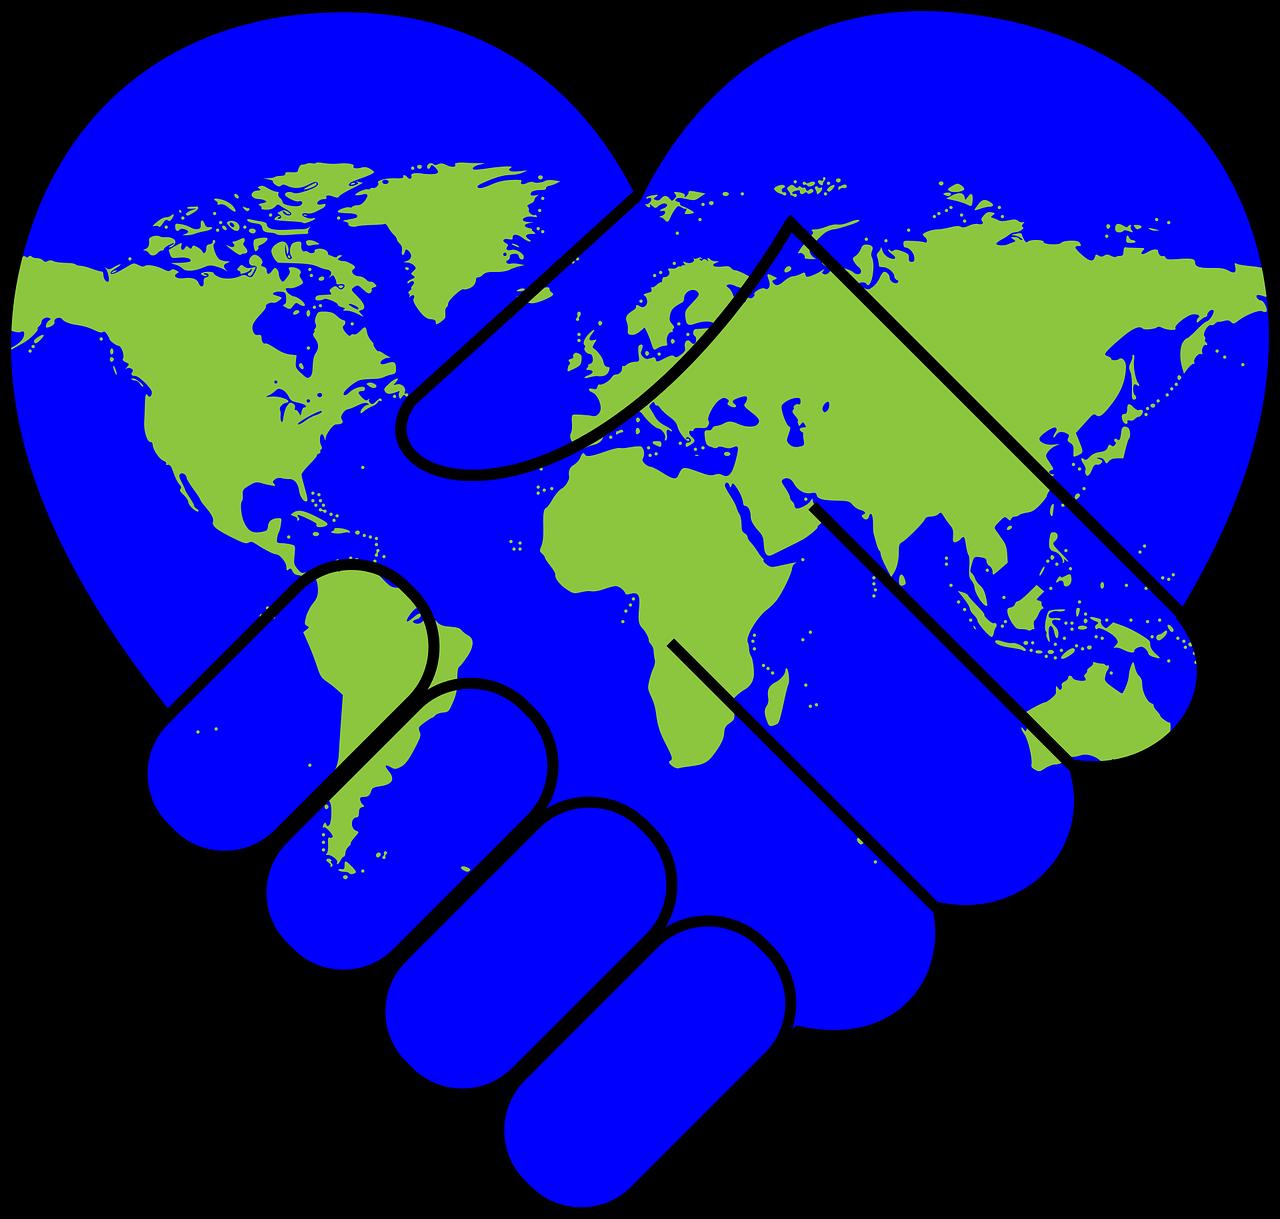 cooperation, friendship, hands-1301790.jpg